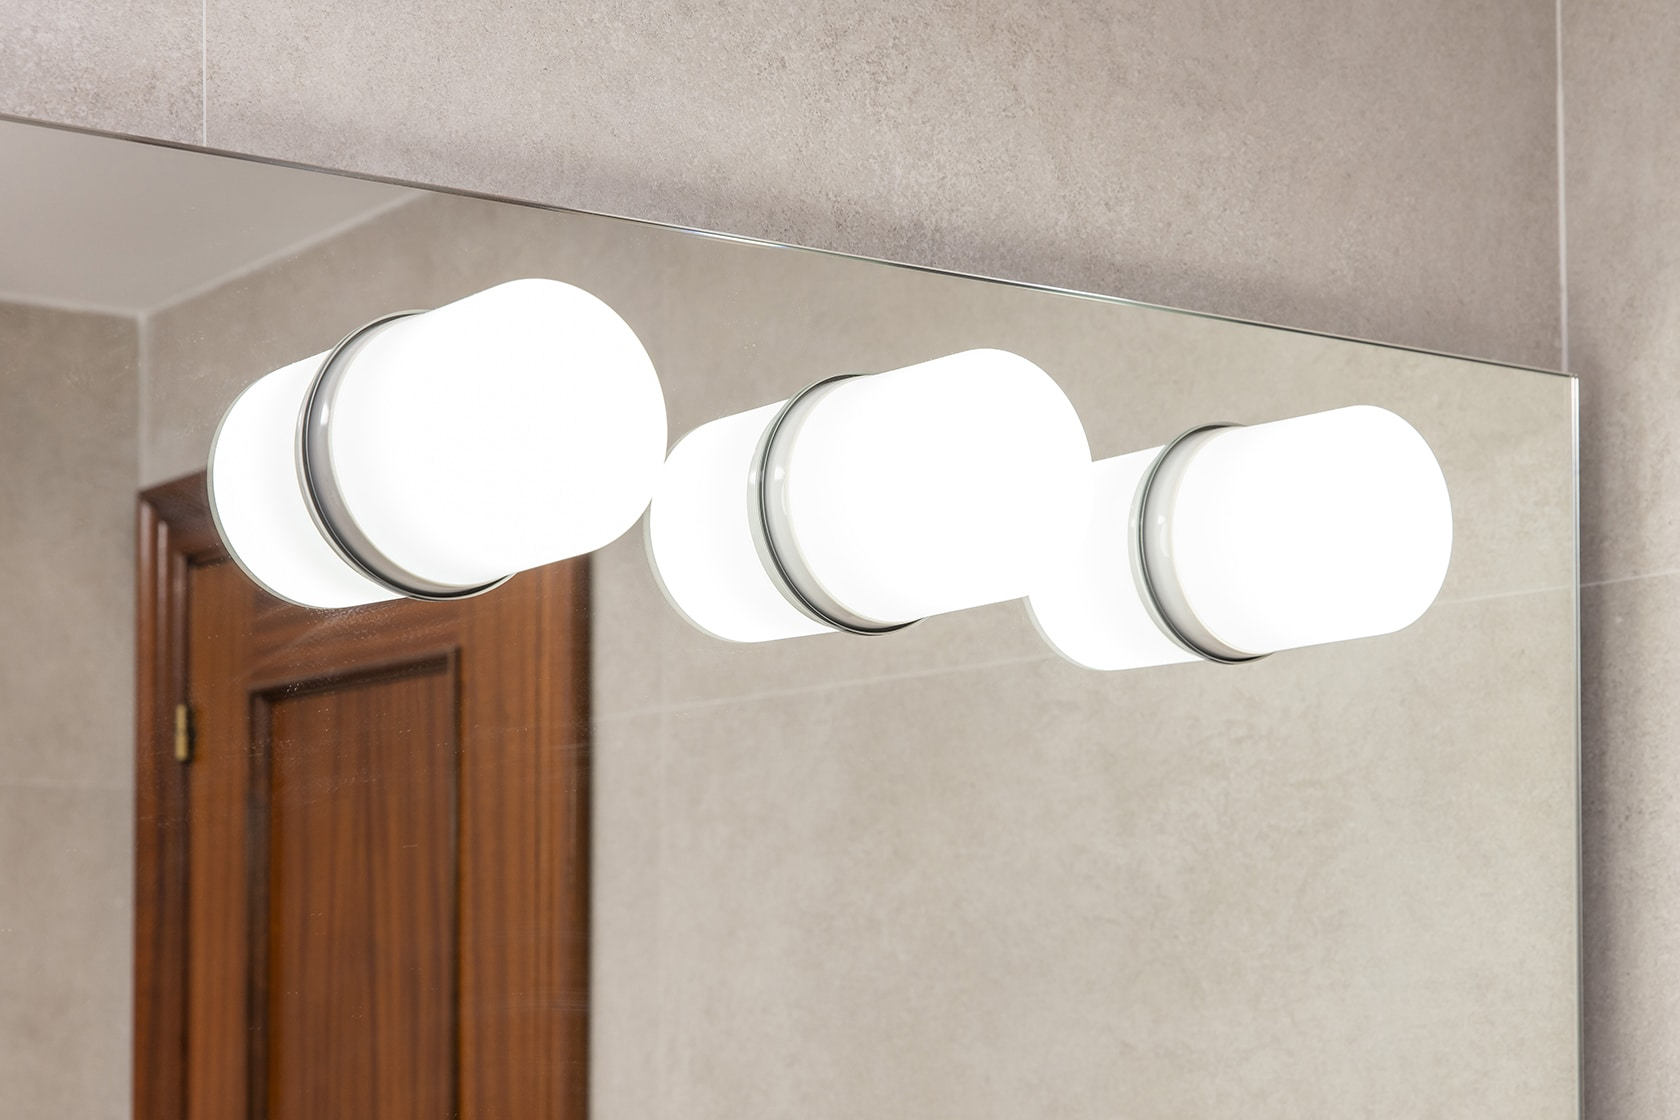 Luz del espejo del baño